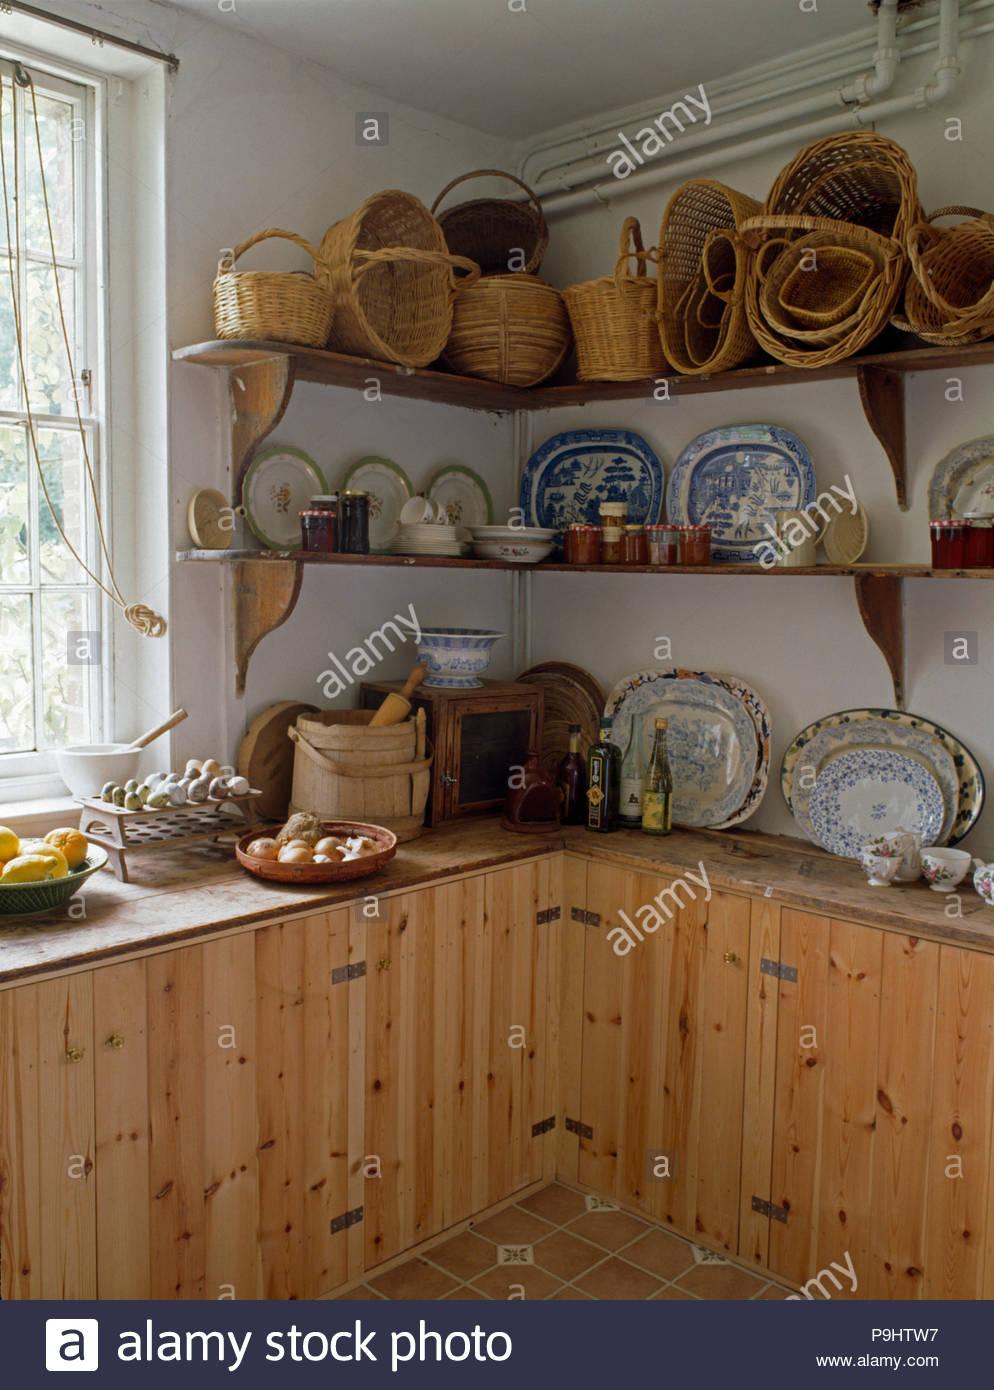 Full Size of Sammlung Von Krbe Und Geschirr Auf Einfache Regale In Den Hängeschrank Küche Teppich Kaufen Mit Elektrogeräten Geräten Regal Für Dachschräge Spüle Wohnzimmer Vintage Regal Küche